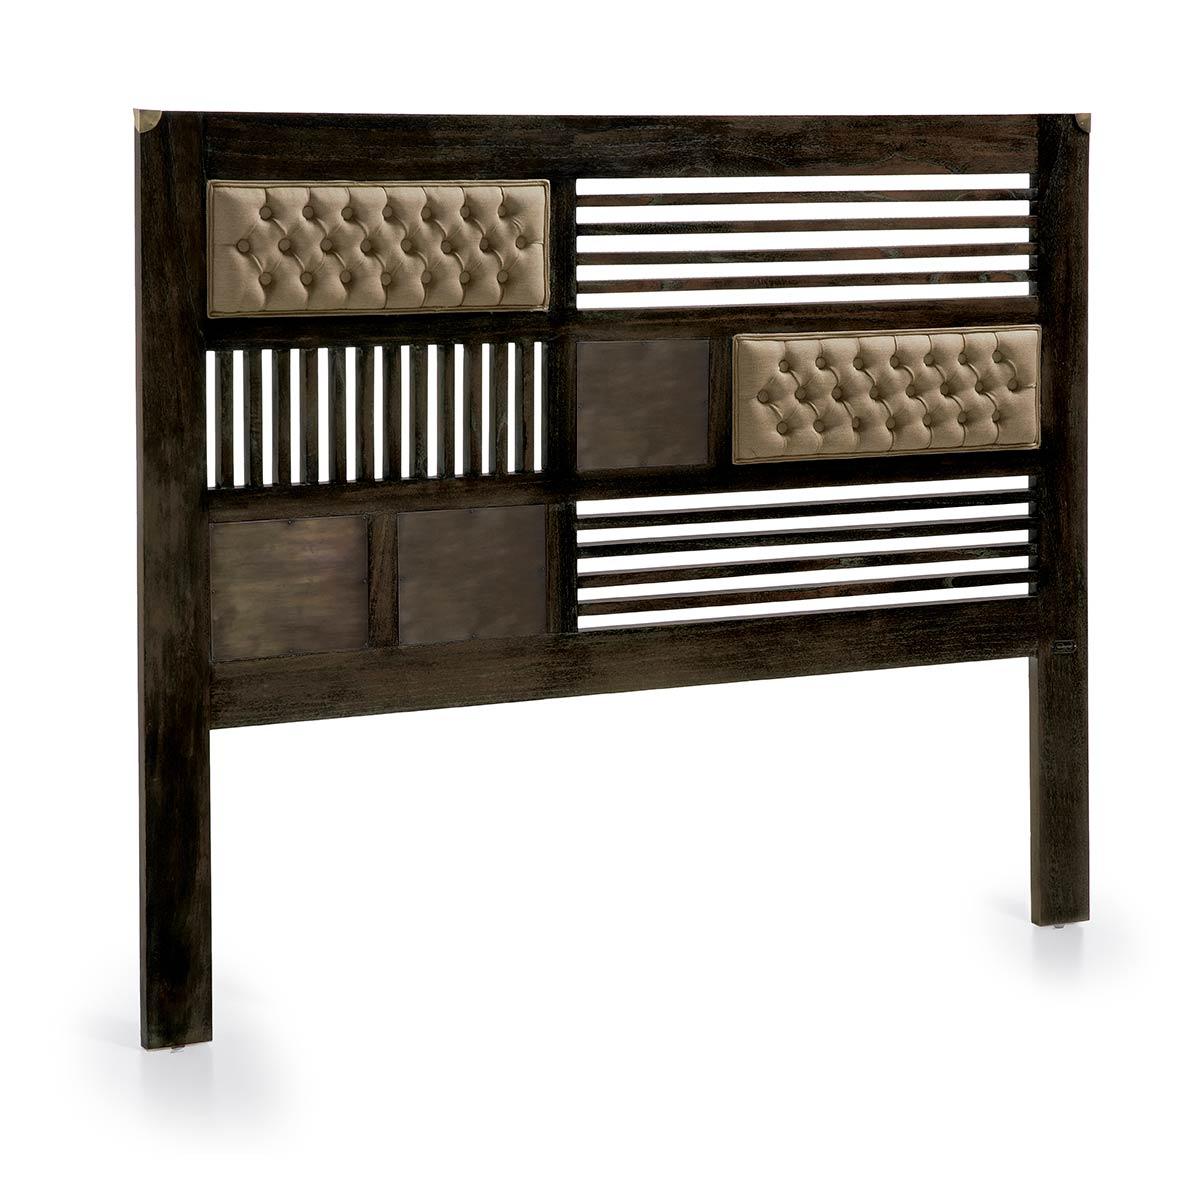 t te de lit en bois de mindy m tal grand mod le 165 cm de longueur. Black Bedroom Furniture Sets. Home Design Ideas